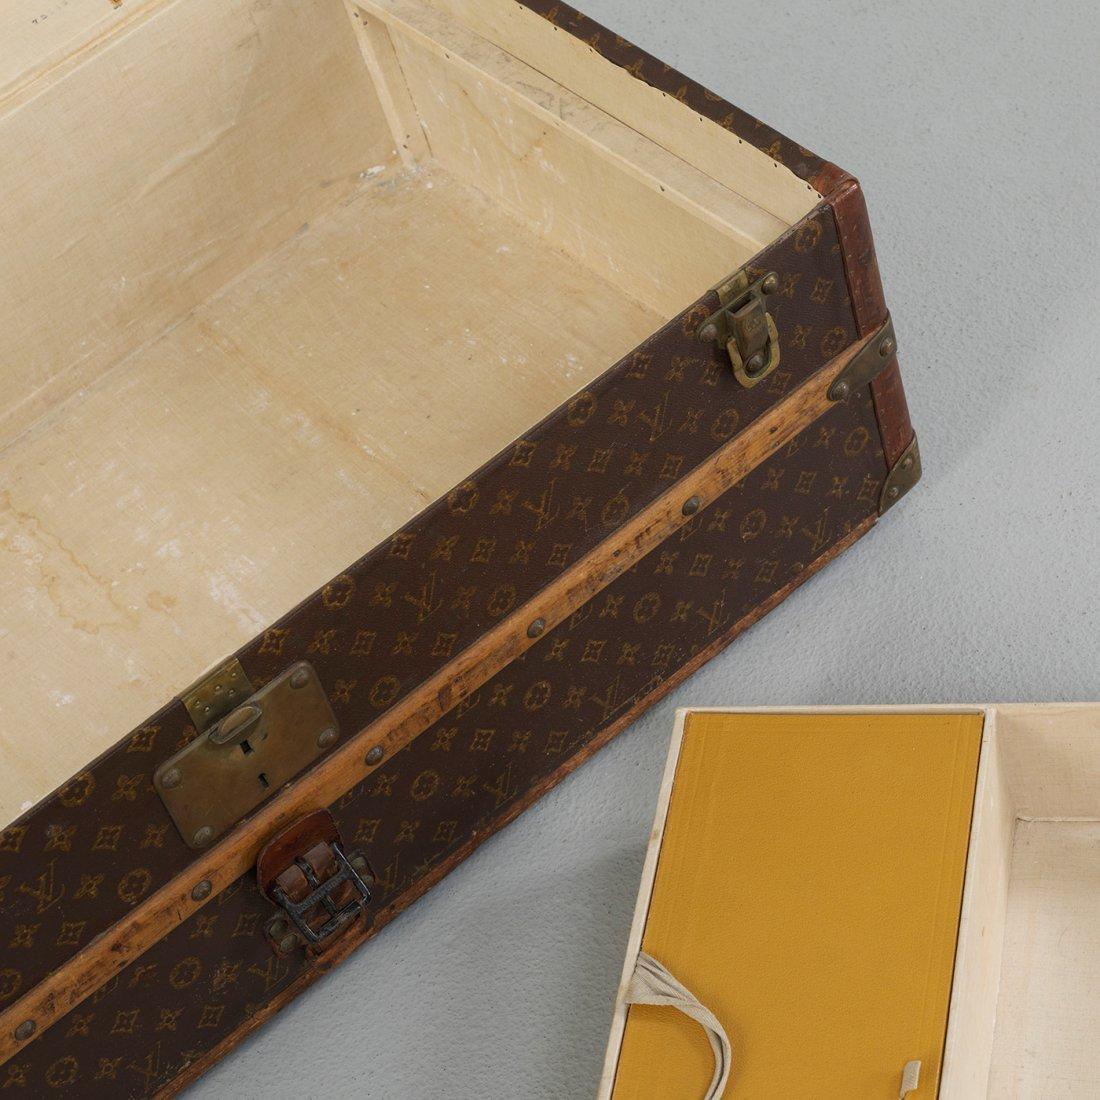 145: Louis Vuitton train case - 3